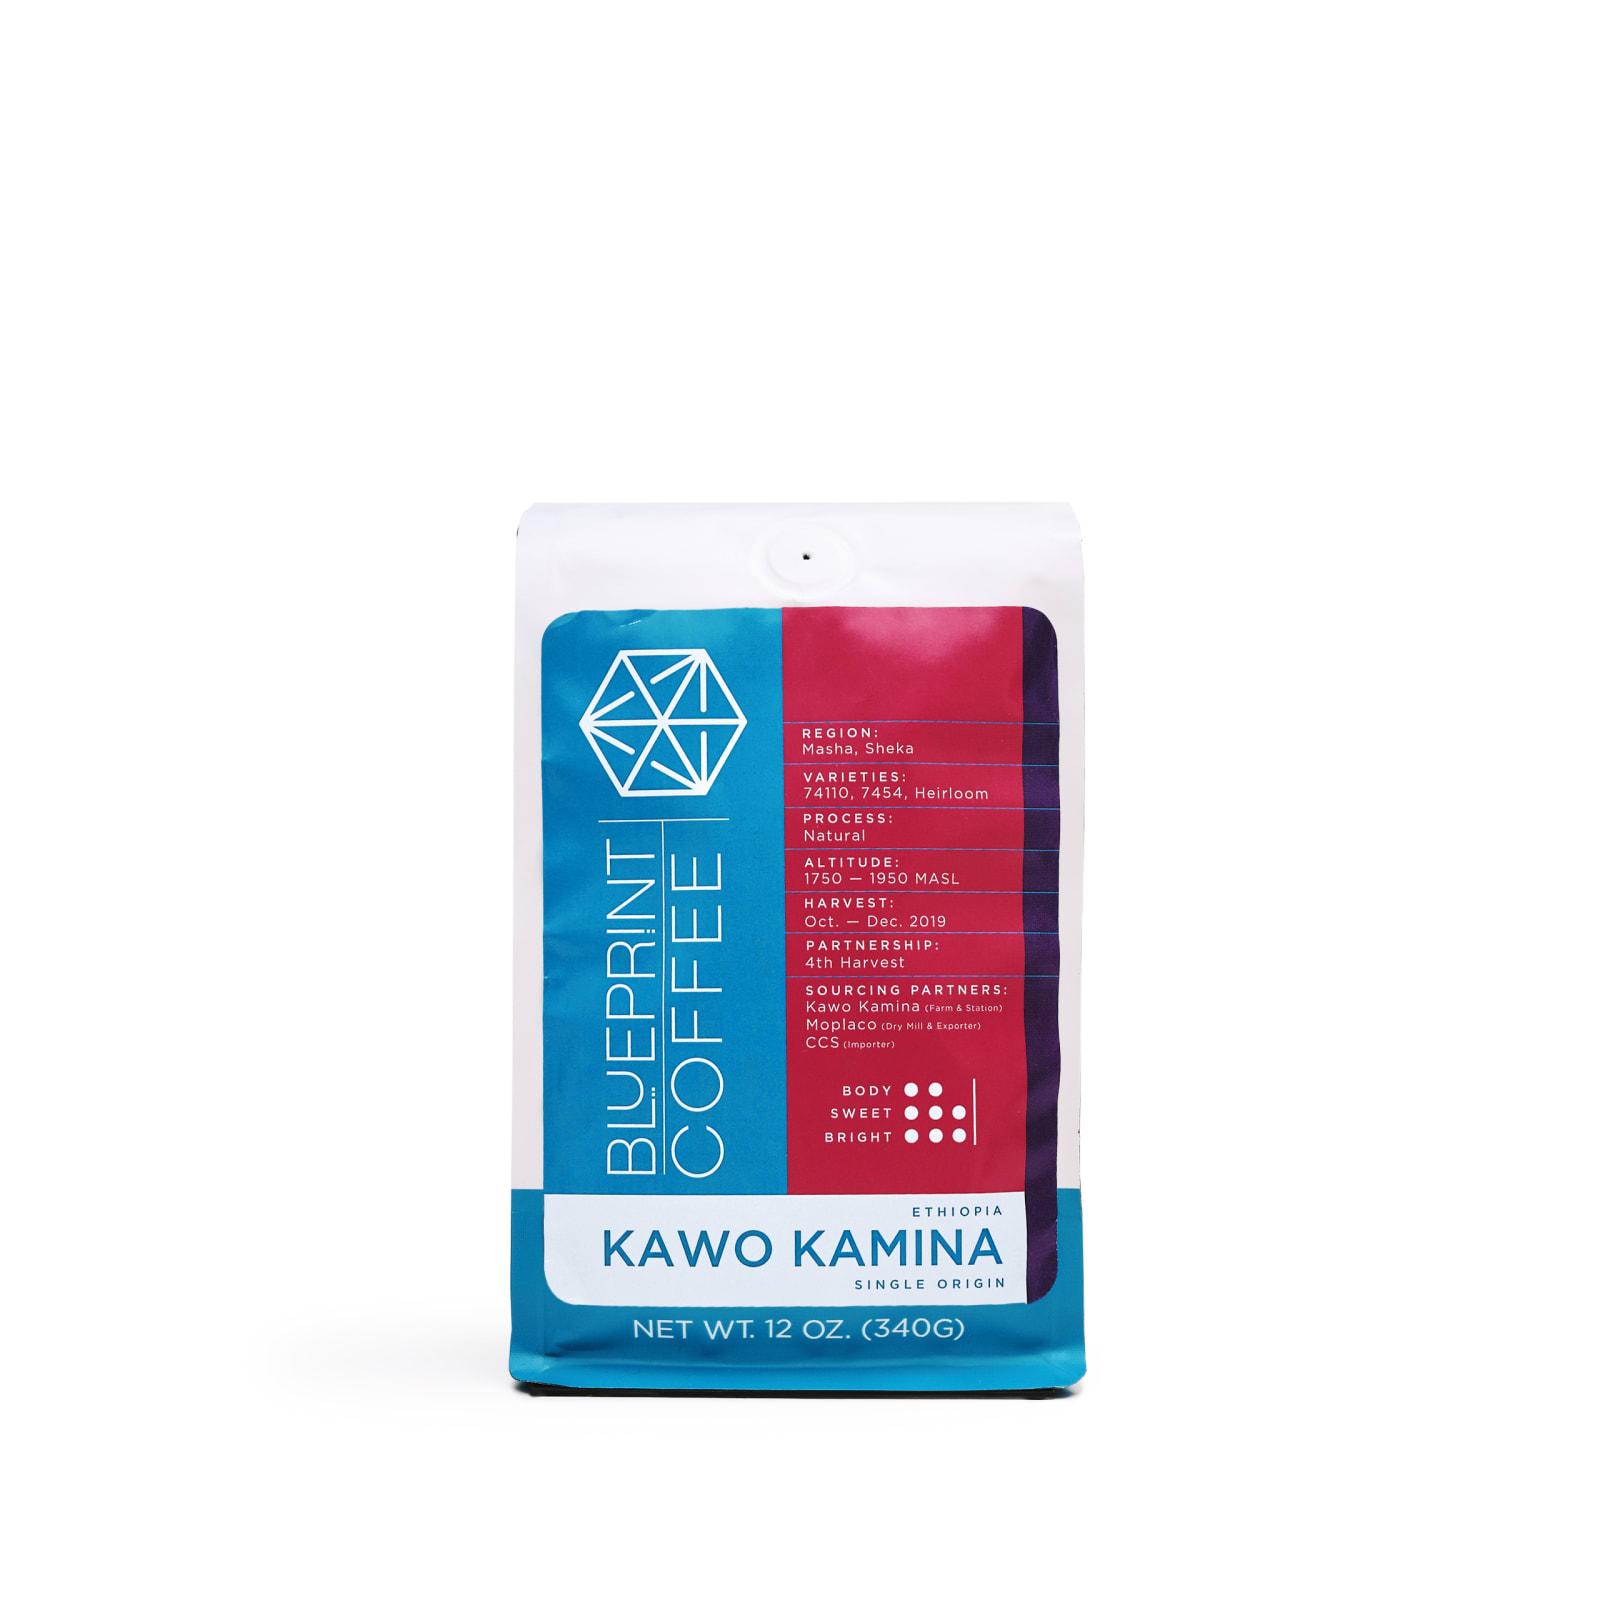 Kawo Kamina